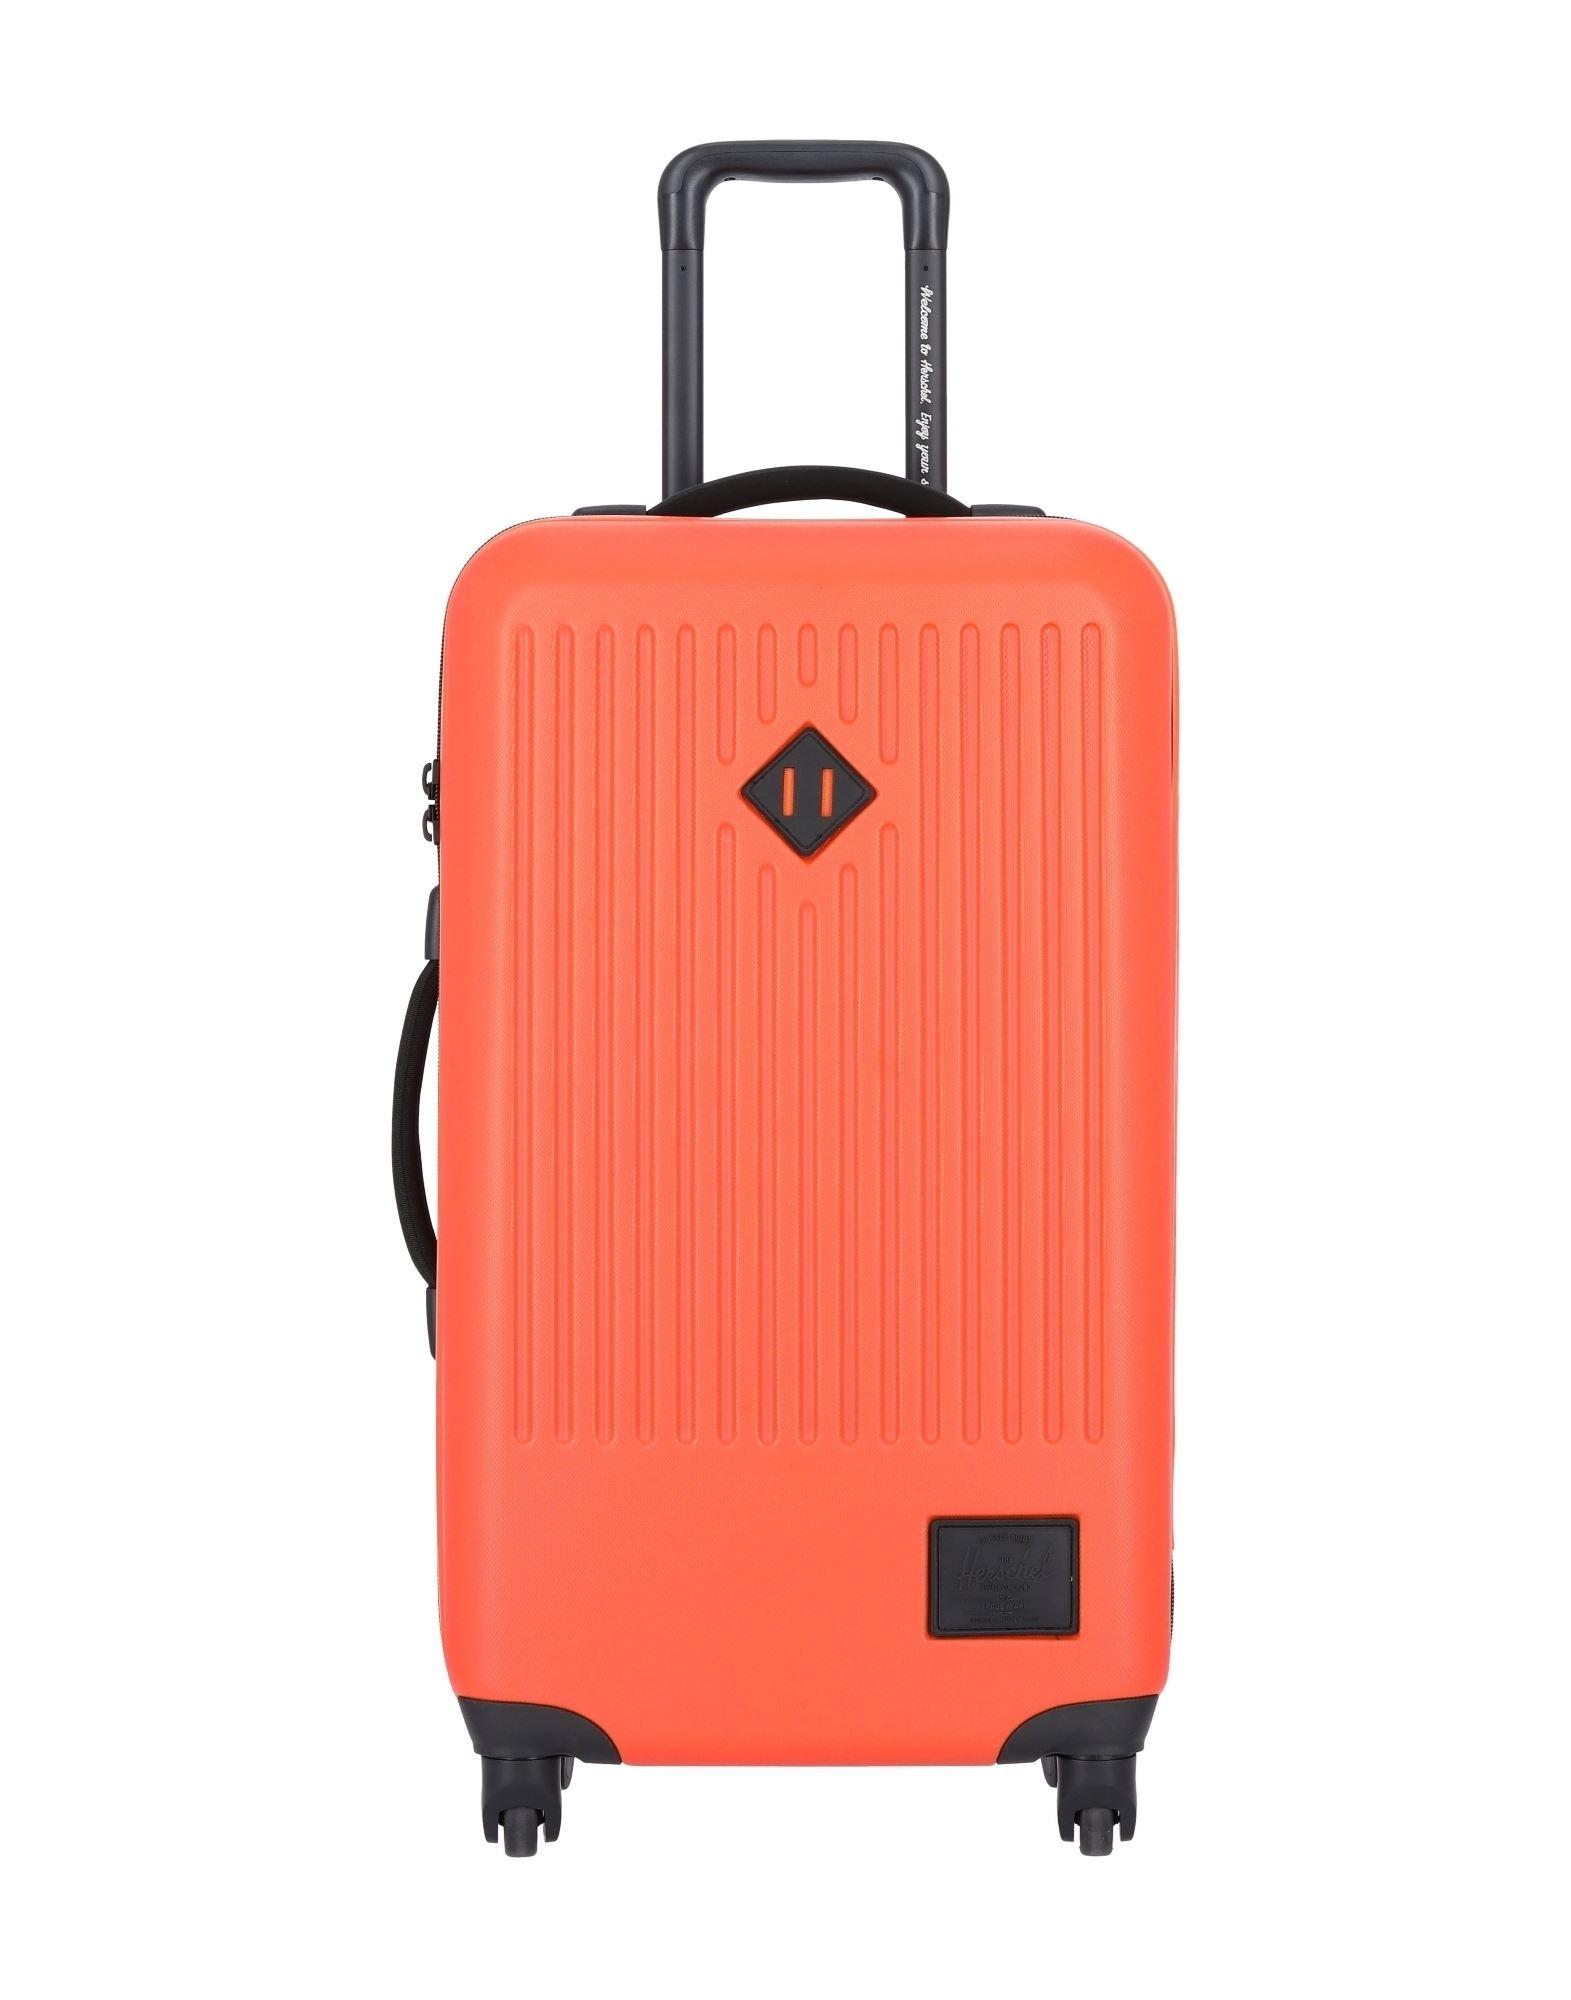 《セール開催中》HERSCHEL SUPPLY CO. Unisex キャスター付きバッグ オレンジ ABS樹脂 / ポリカーボネート / ポリエステル